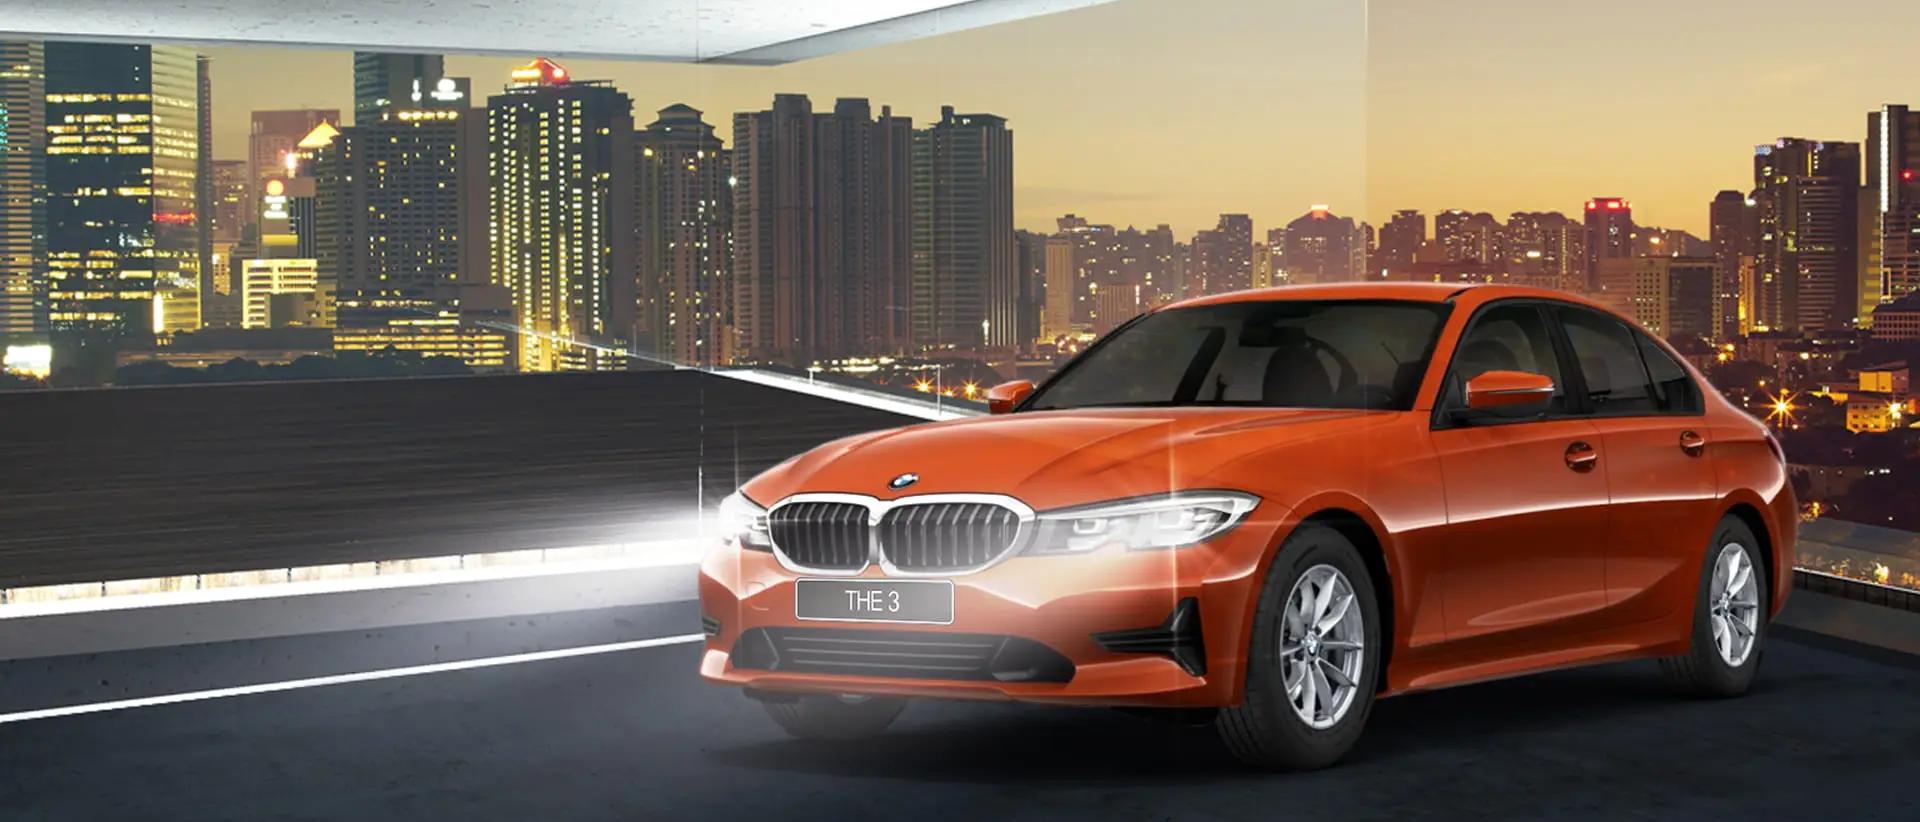 Купить новый БМВ Х7 2020-2021 в Москве в автосалоне официального дилера BMW Автодом Внуково